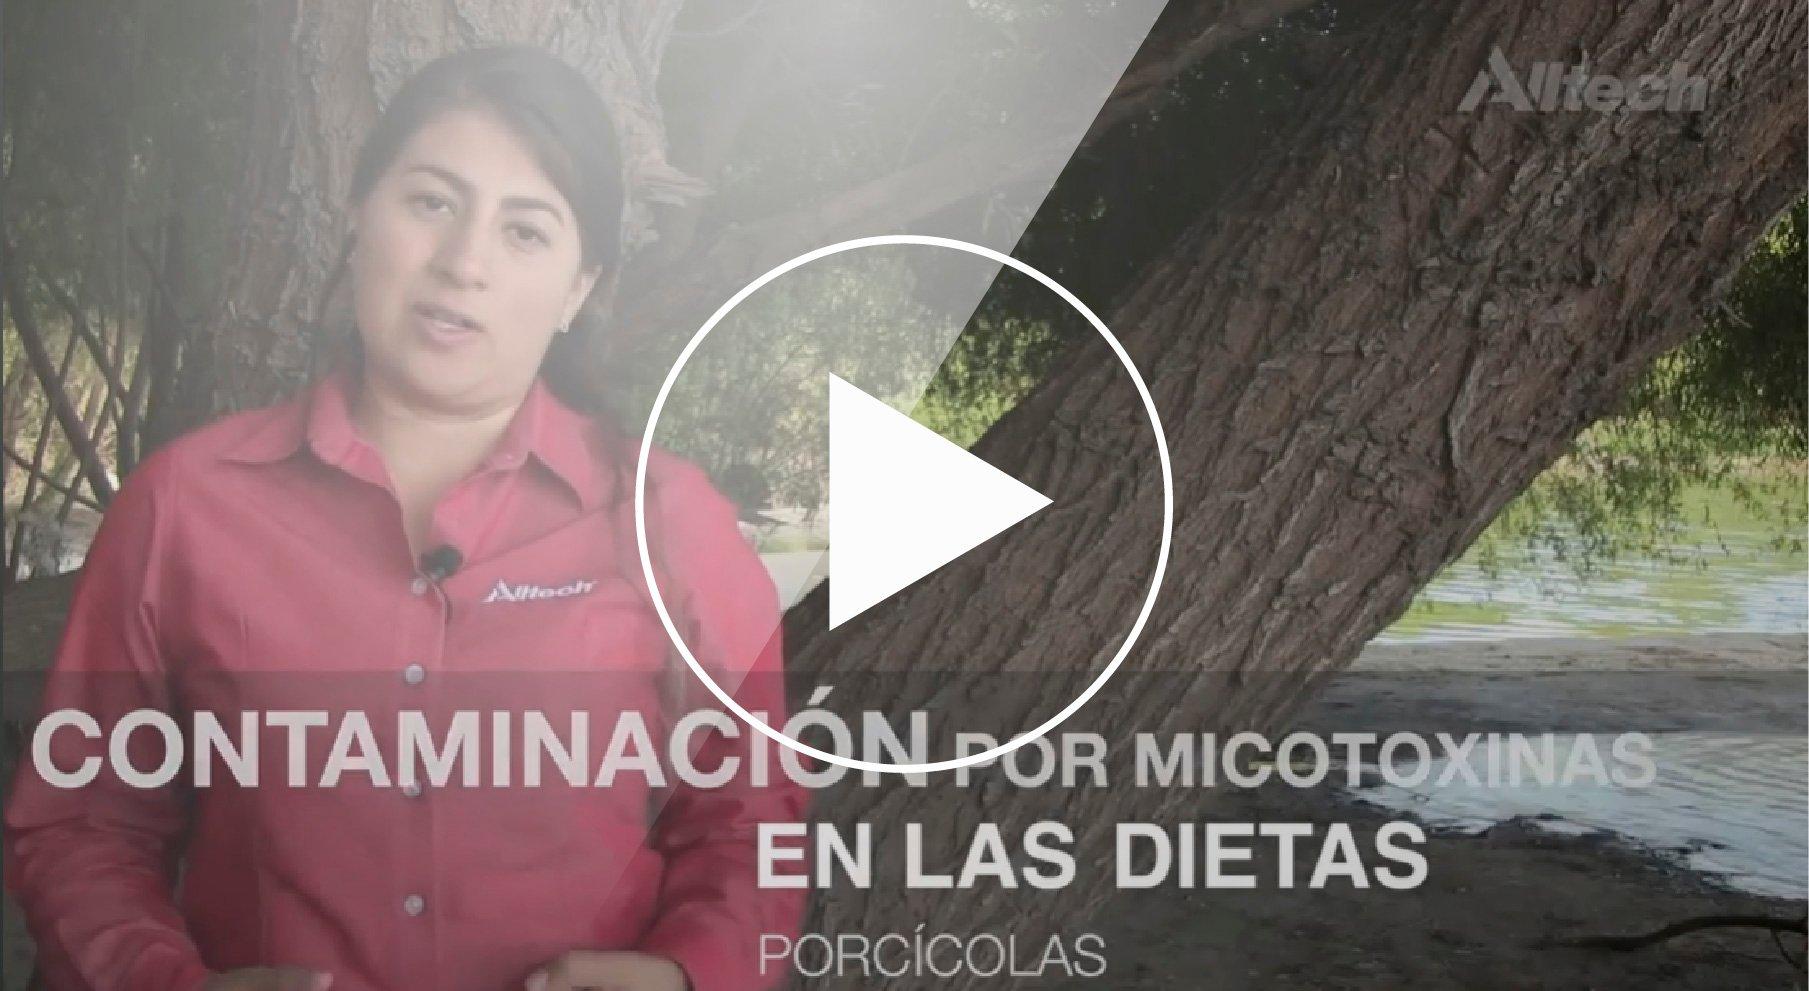 Cotaminación por micotoxinas en las dietas porcícolas-02